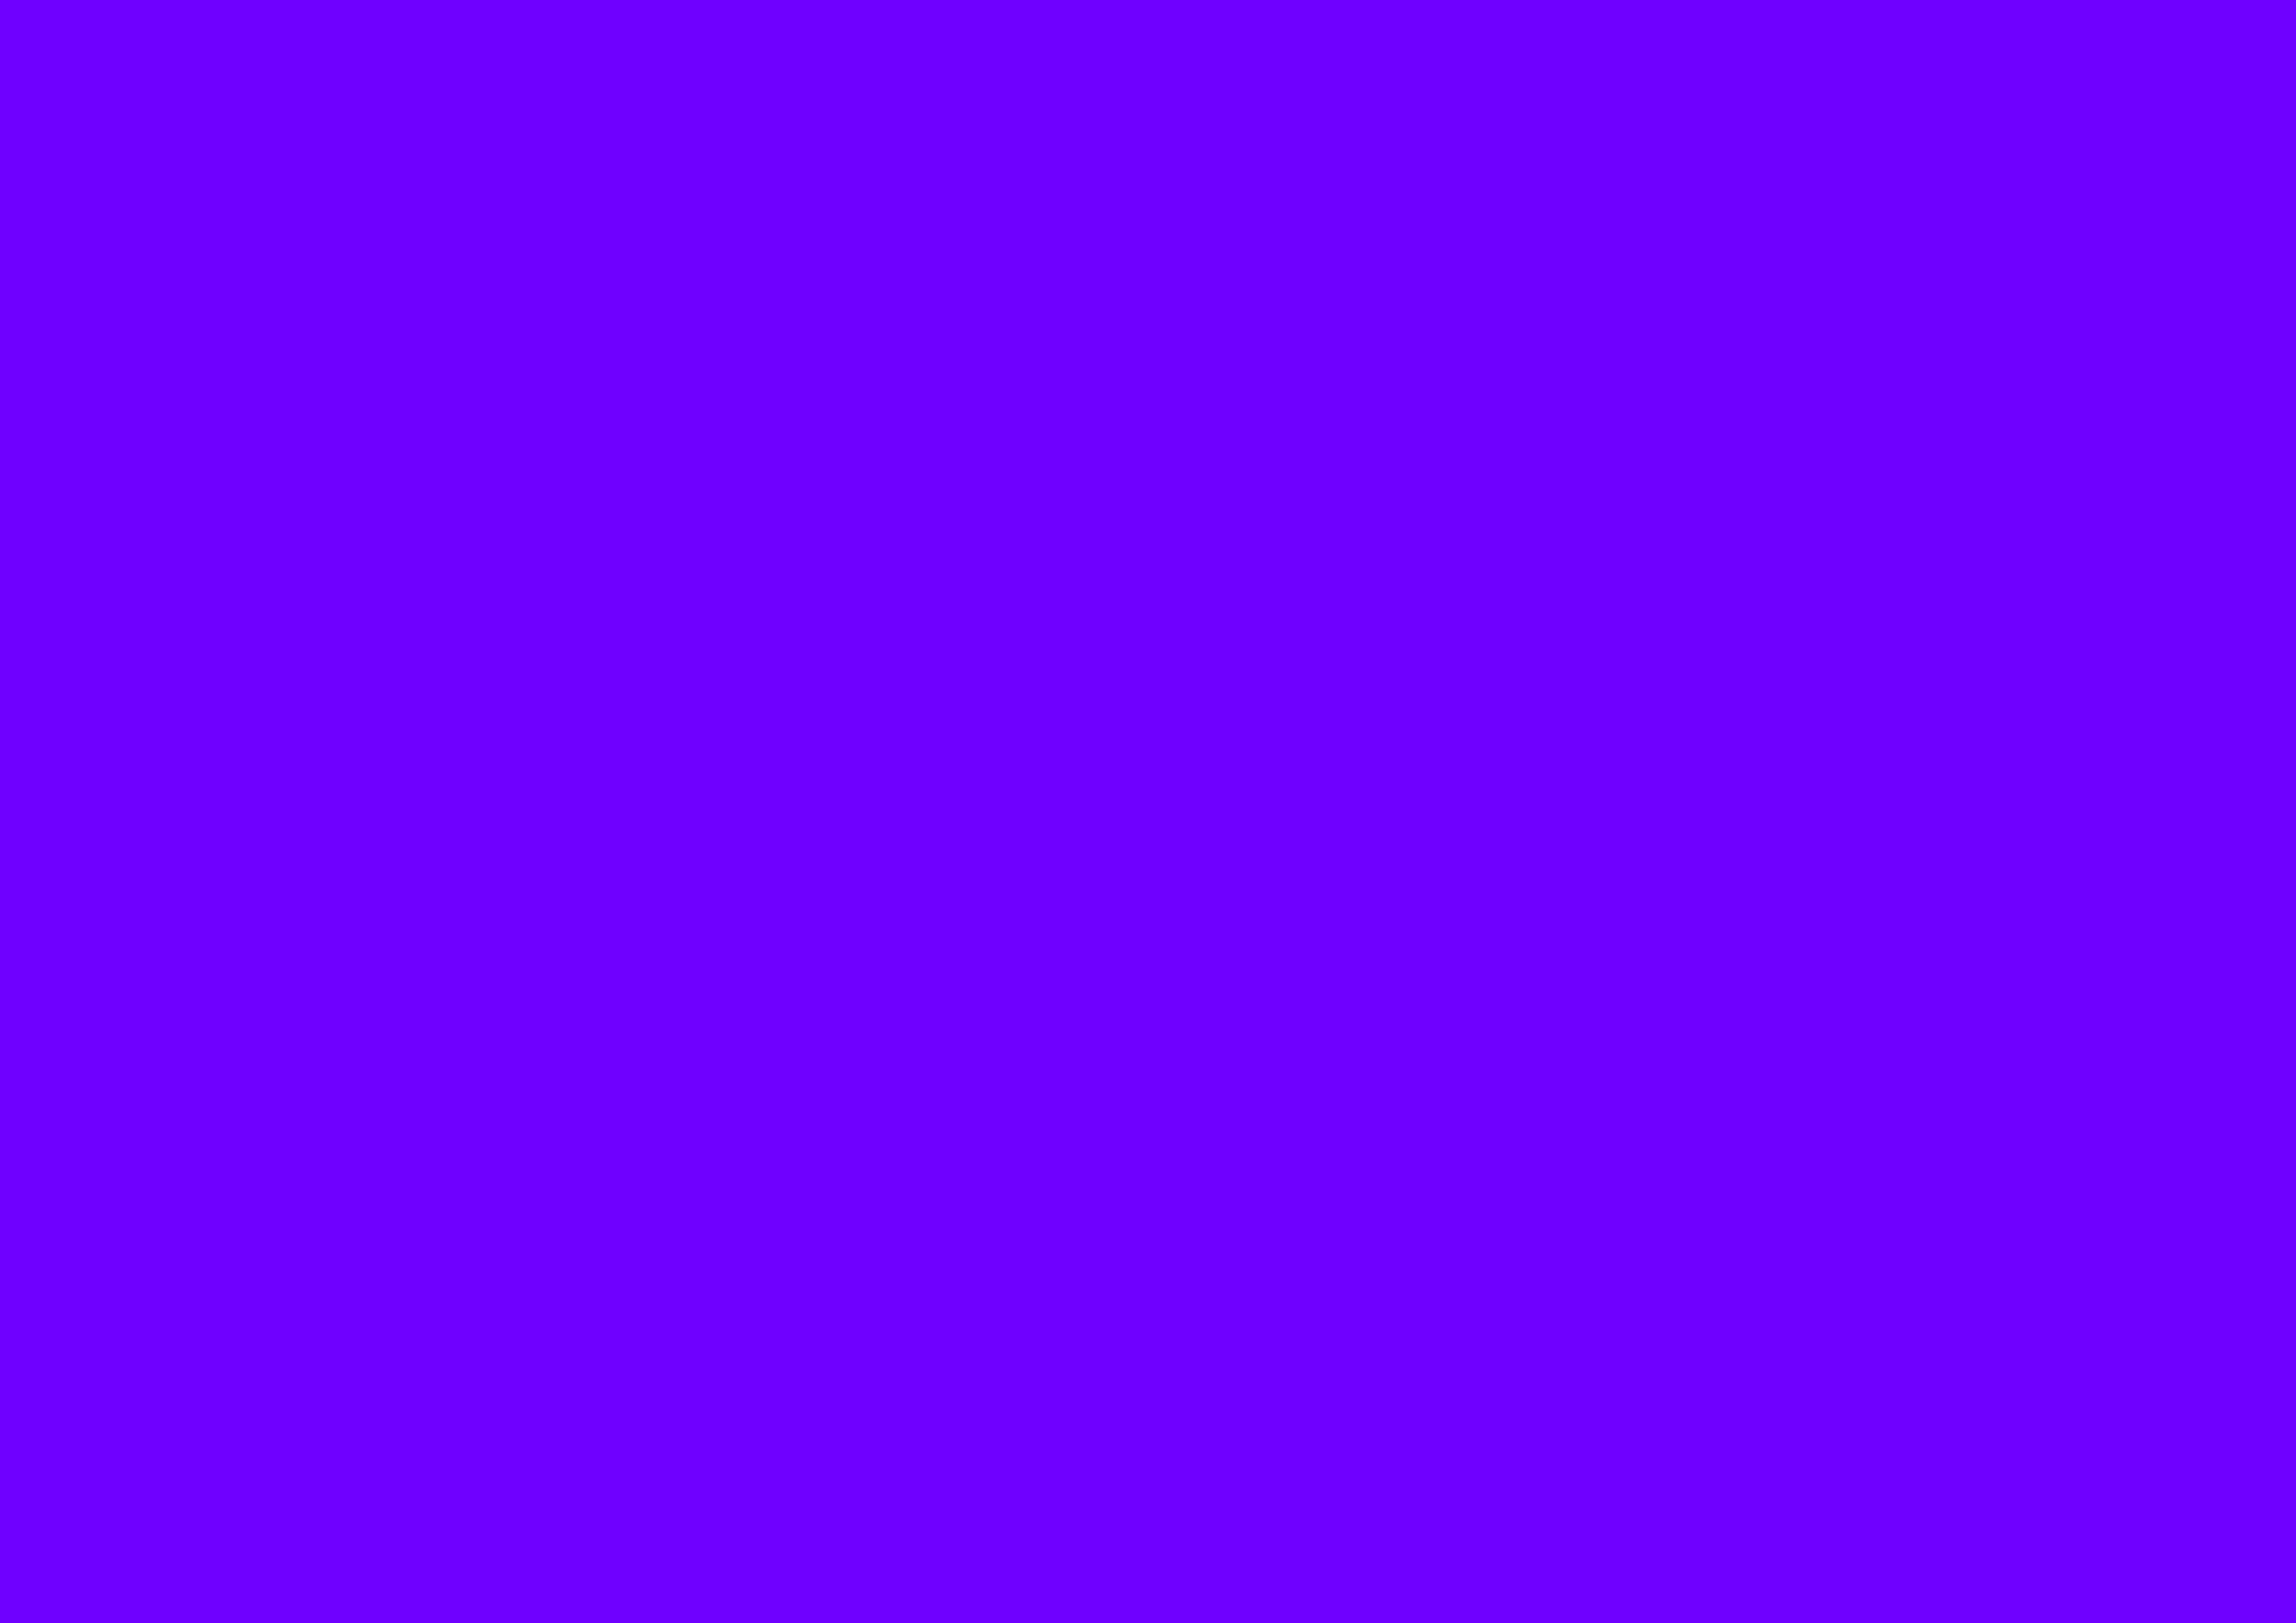 3508x2480 Indigo Solid Color Background